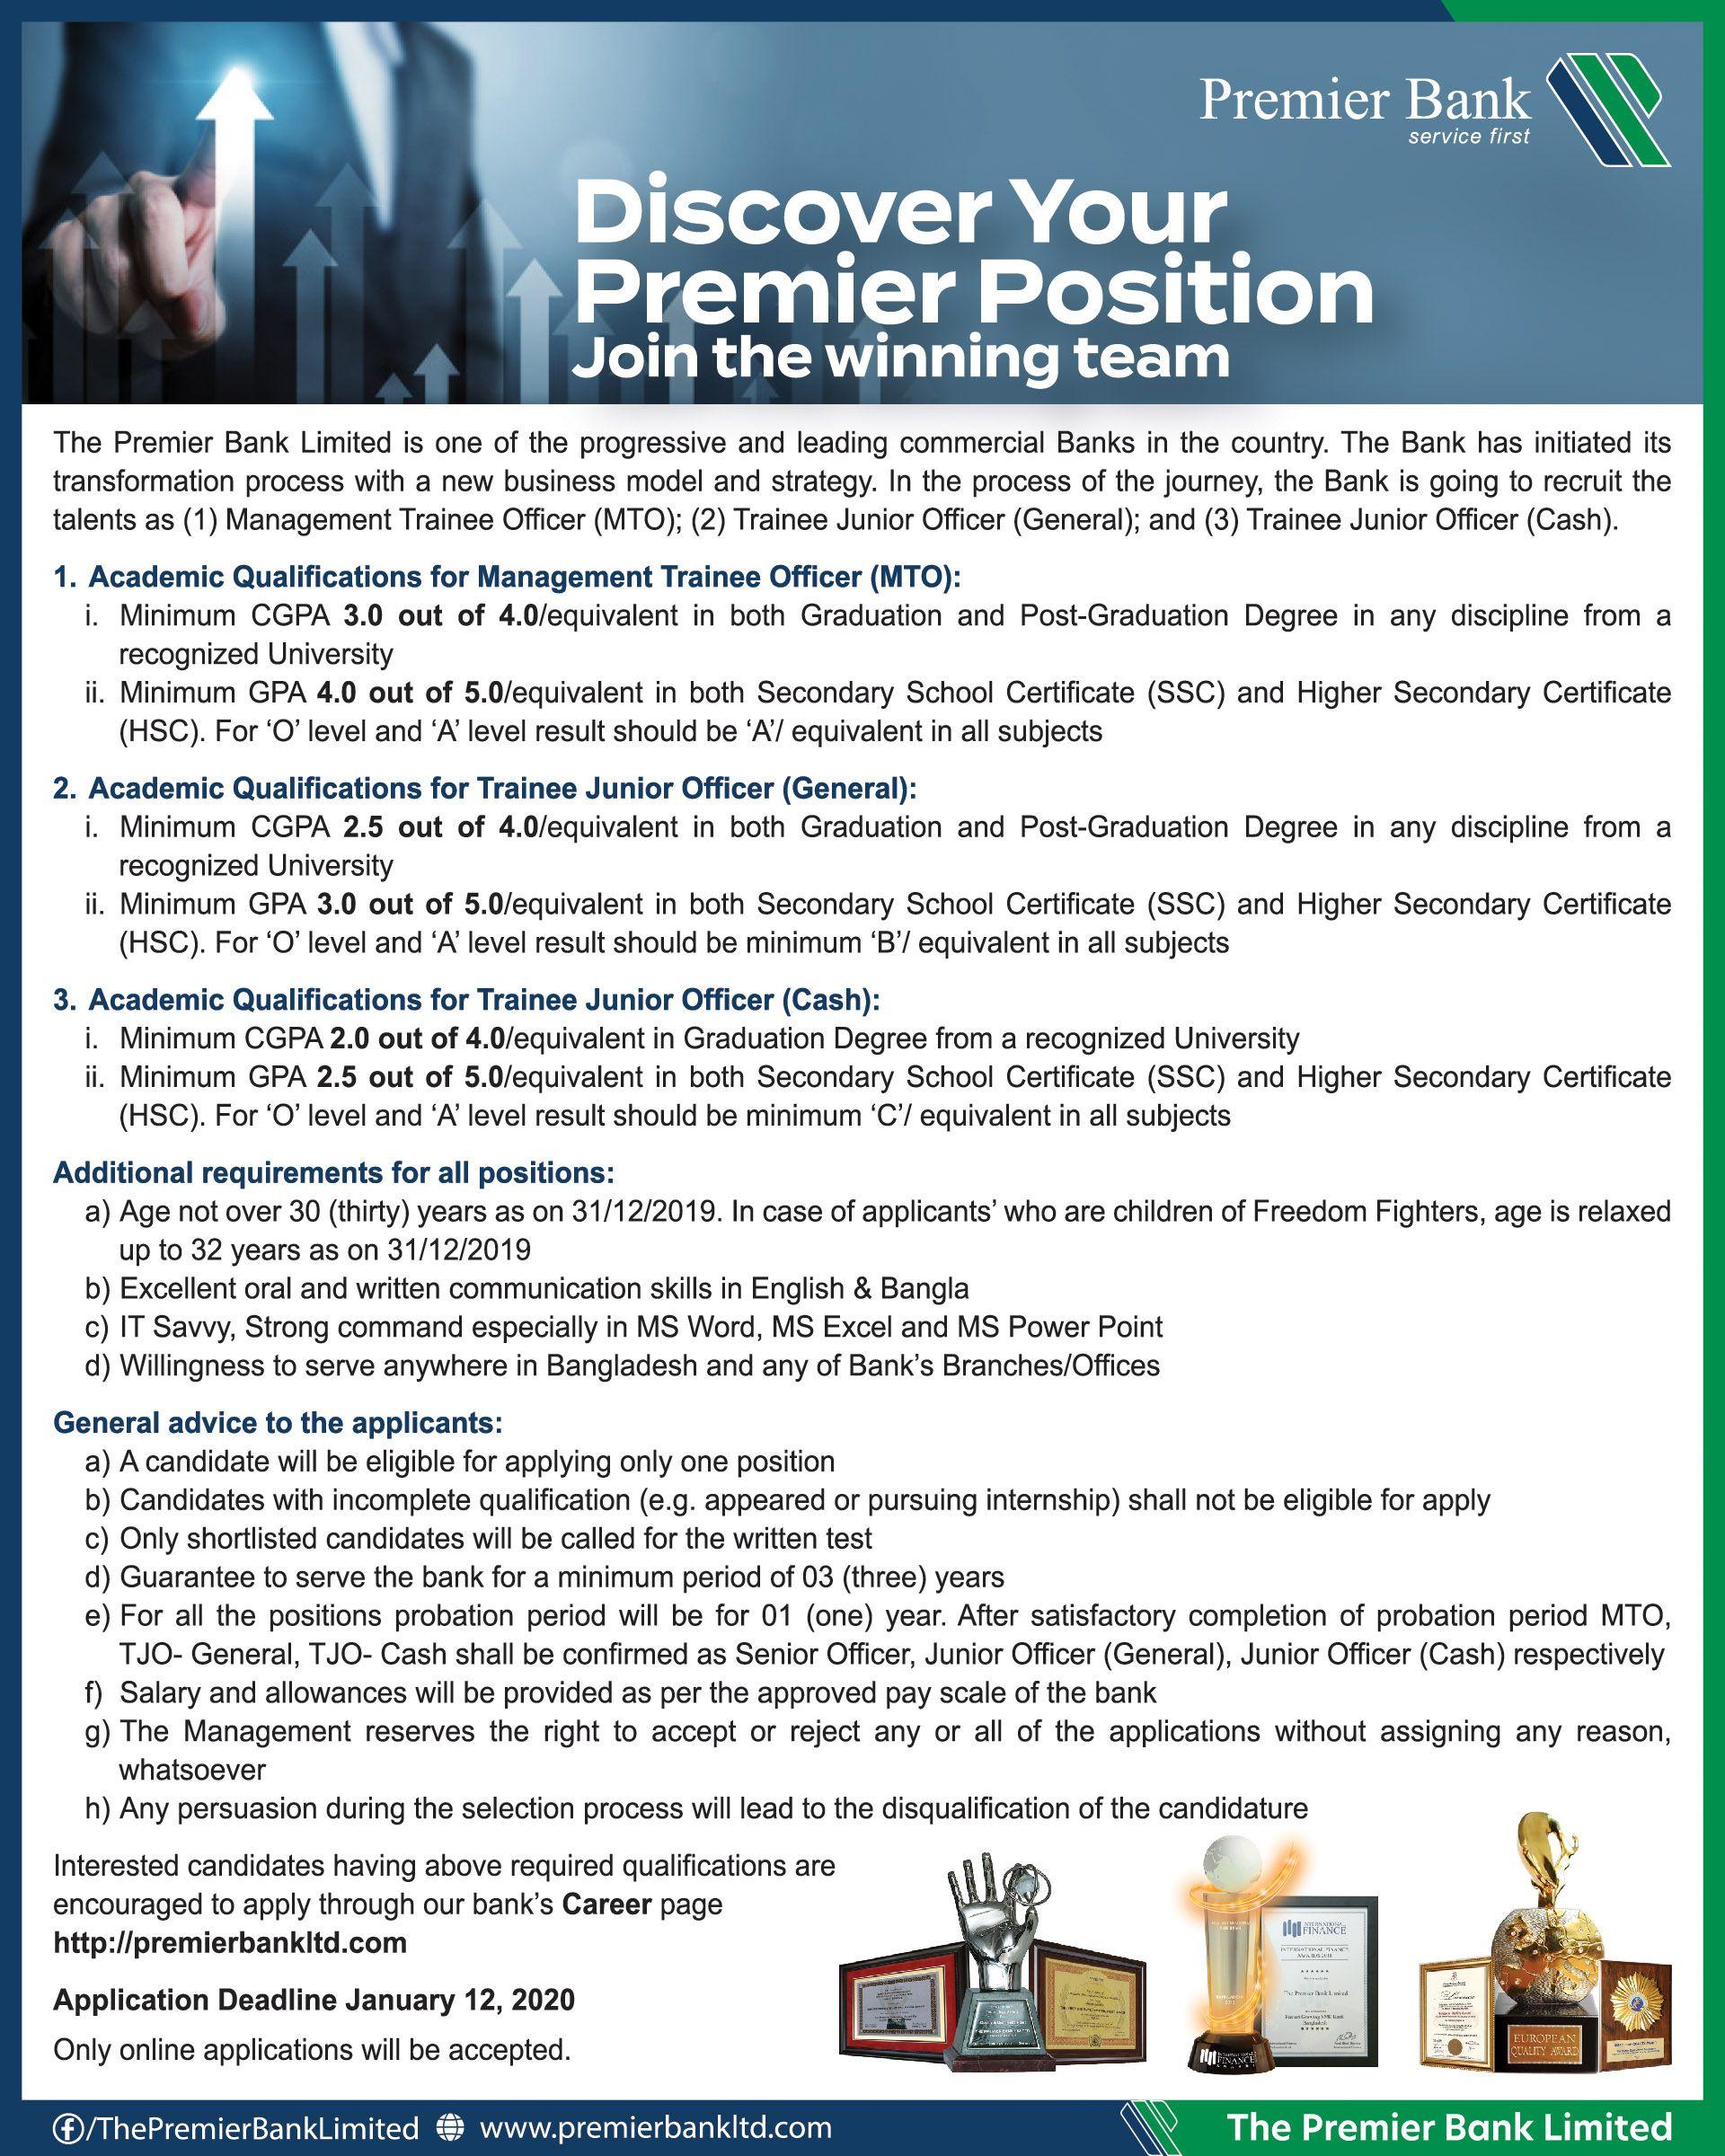 স্বনামধন্য Premier Bank Limited এ আজ আবারো নতুন নিয়োগ